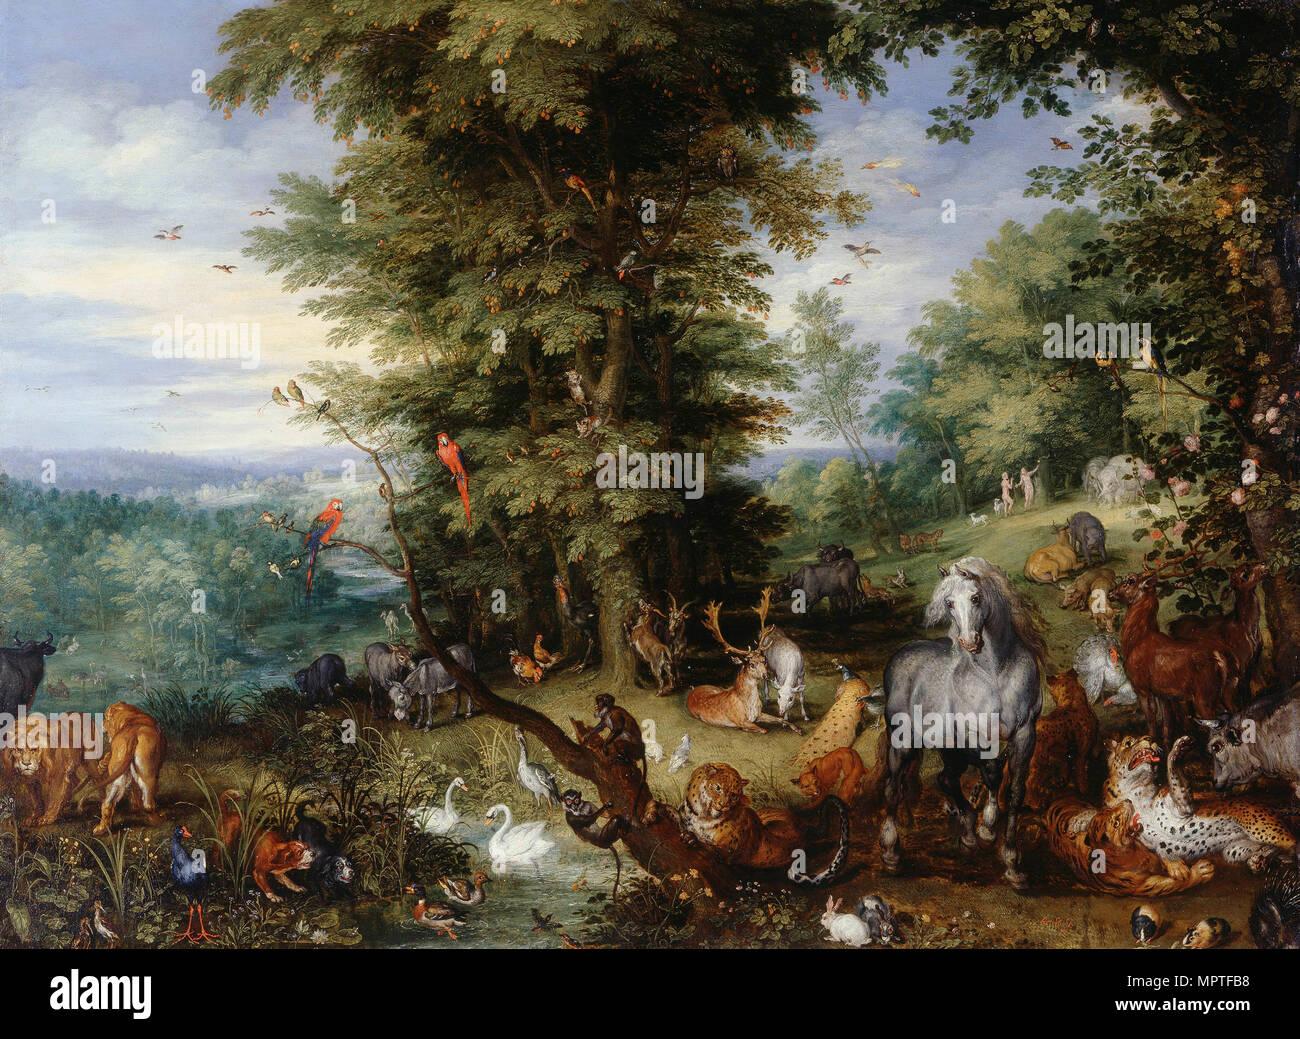 Garden Of Eden Stock Photos & Garden Of Eden Stock Images - Alamy